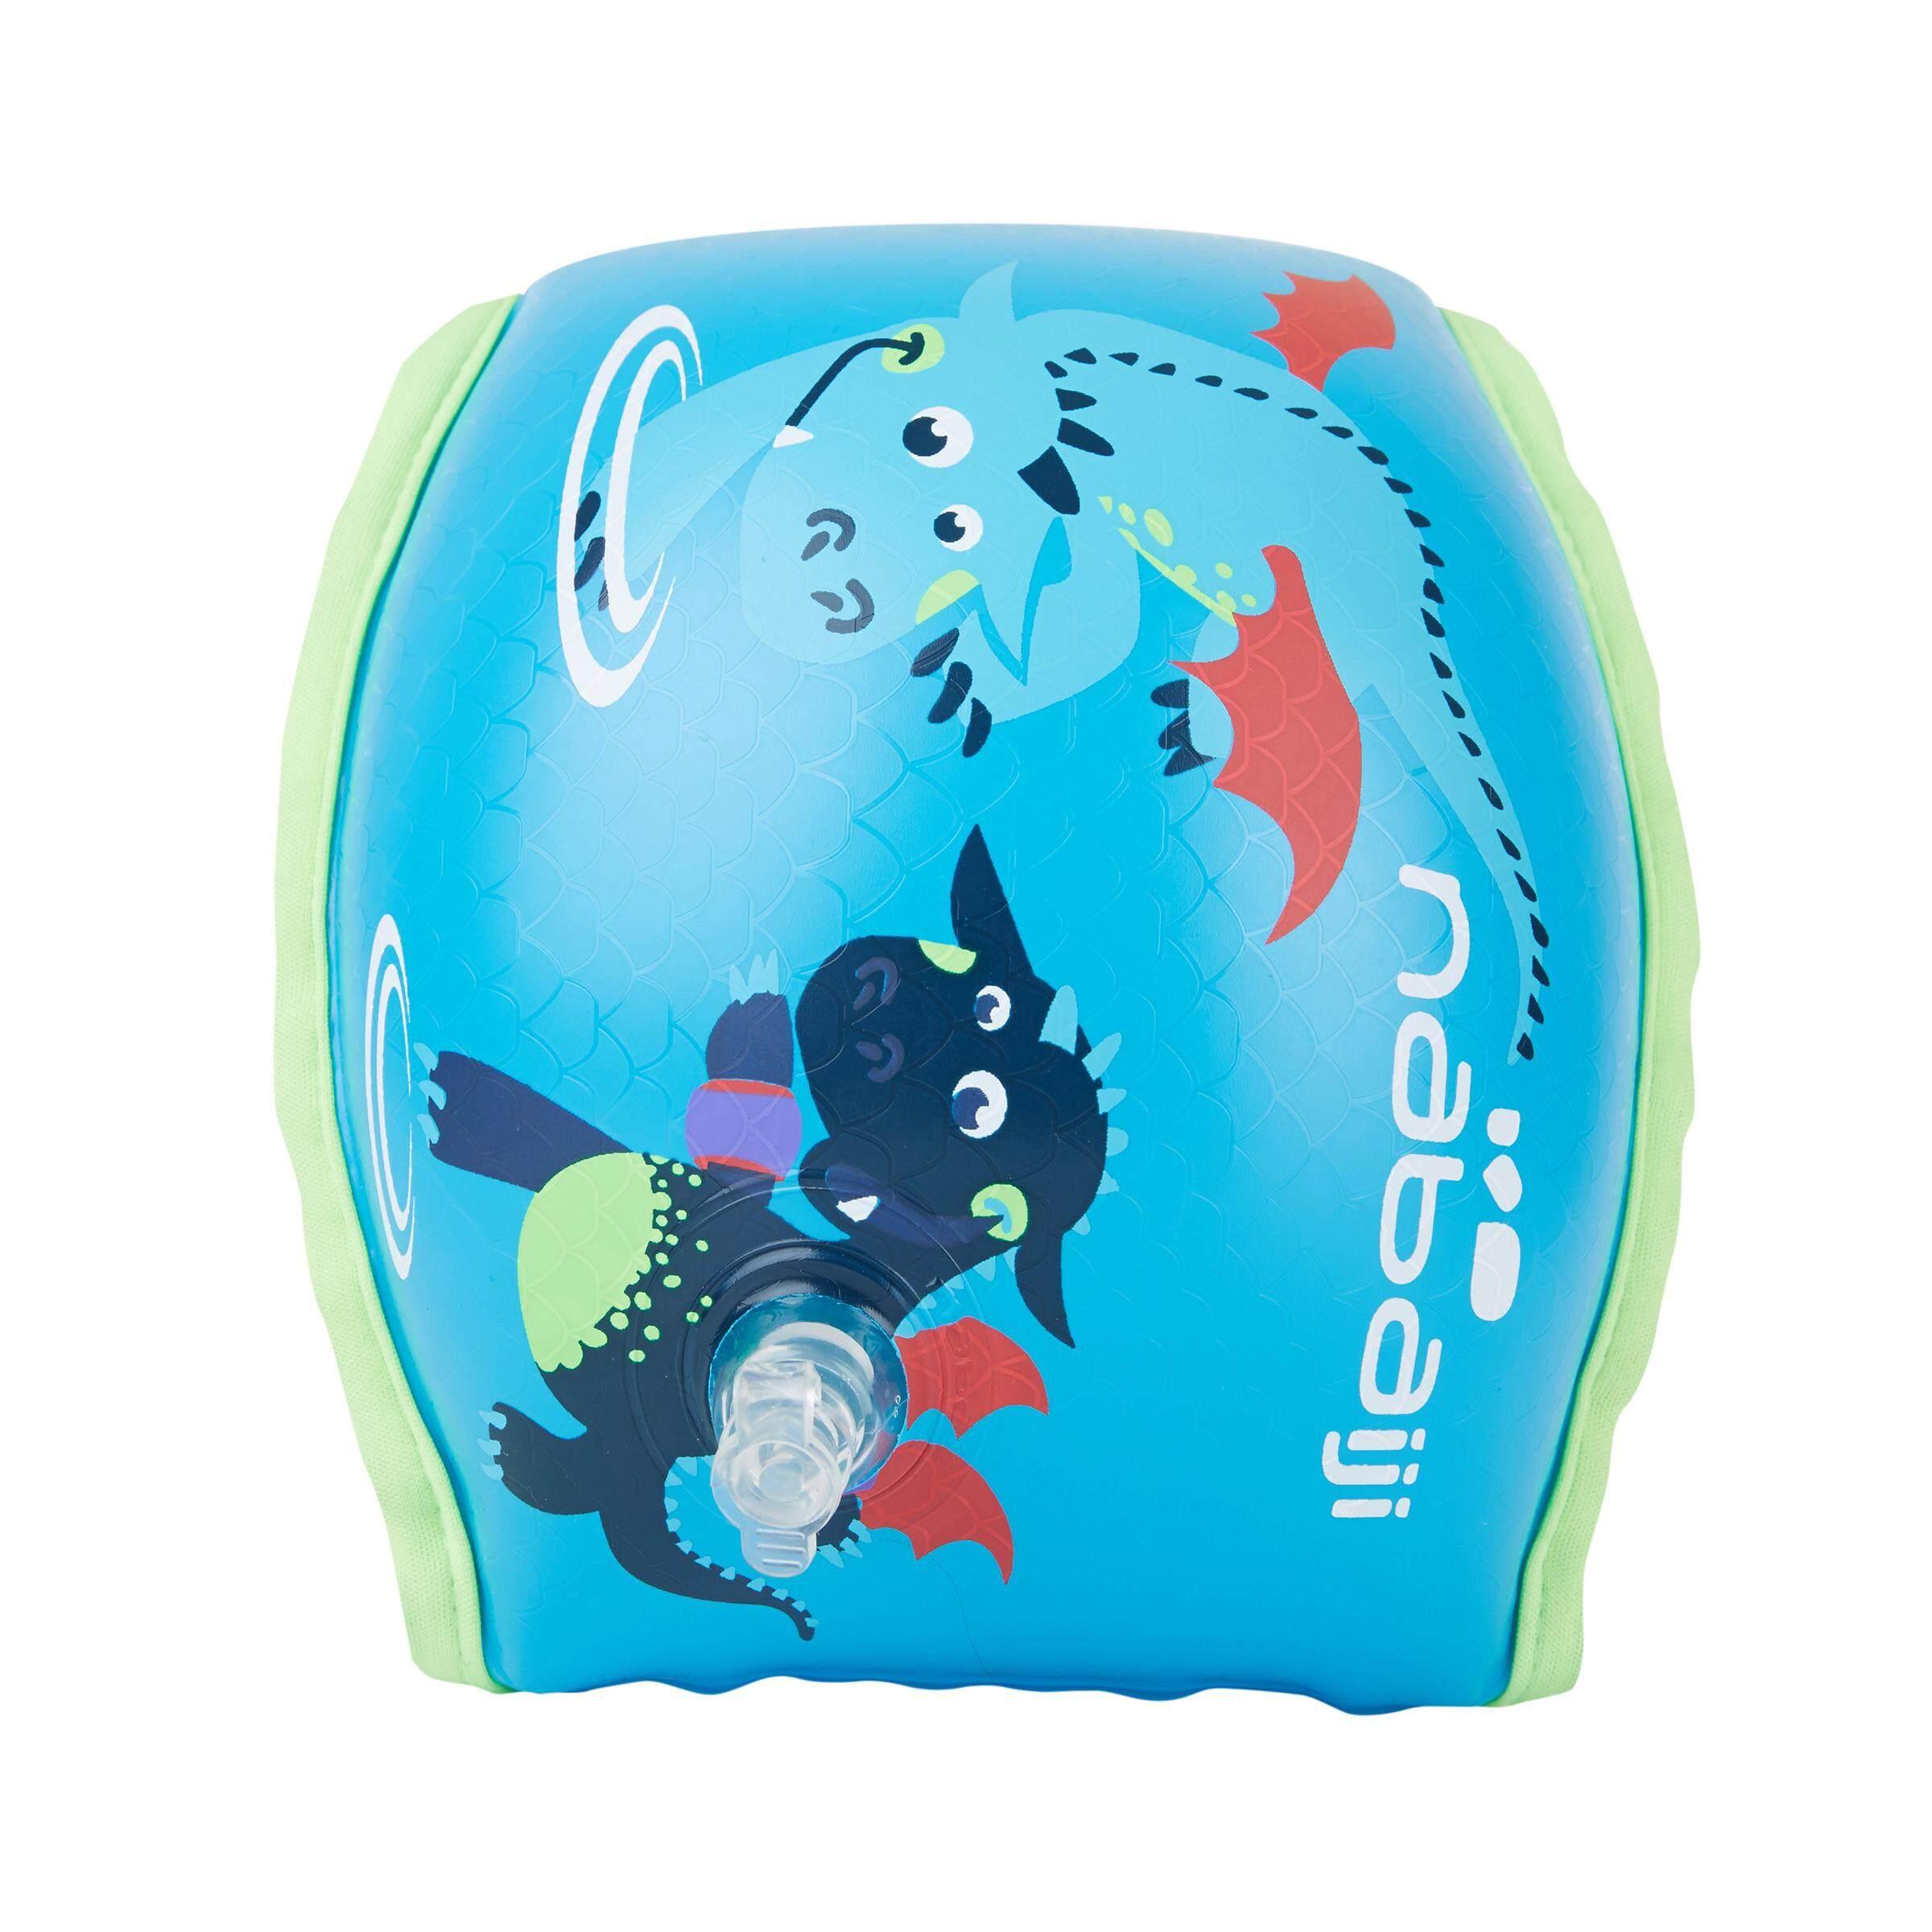 [ด่วน!! โปรโมชั่นมีจำนวนจำกัด] ห่วงยางสวมแขนว่ายน้ำแบบบุผ้าด้านในสำหรับเด็กที่มีน้ำหนัก 15-30 กก. (สีฟ้าพิมพ์ลายมังกร) สำหรับ ว่ายน้ำ